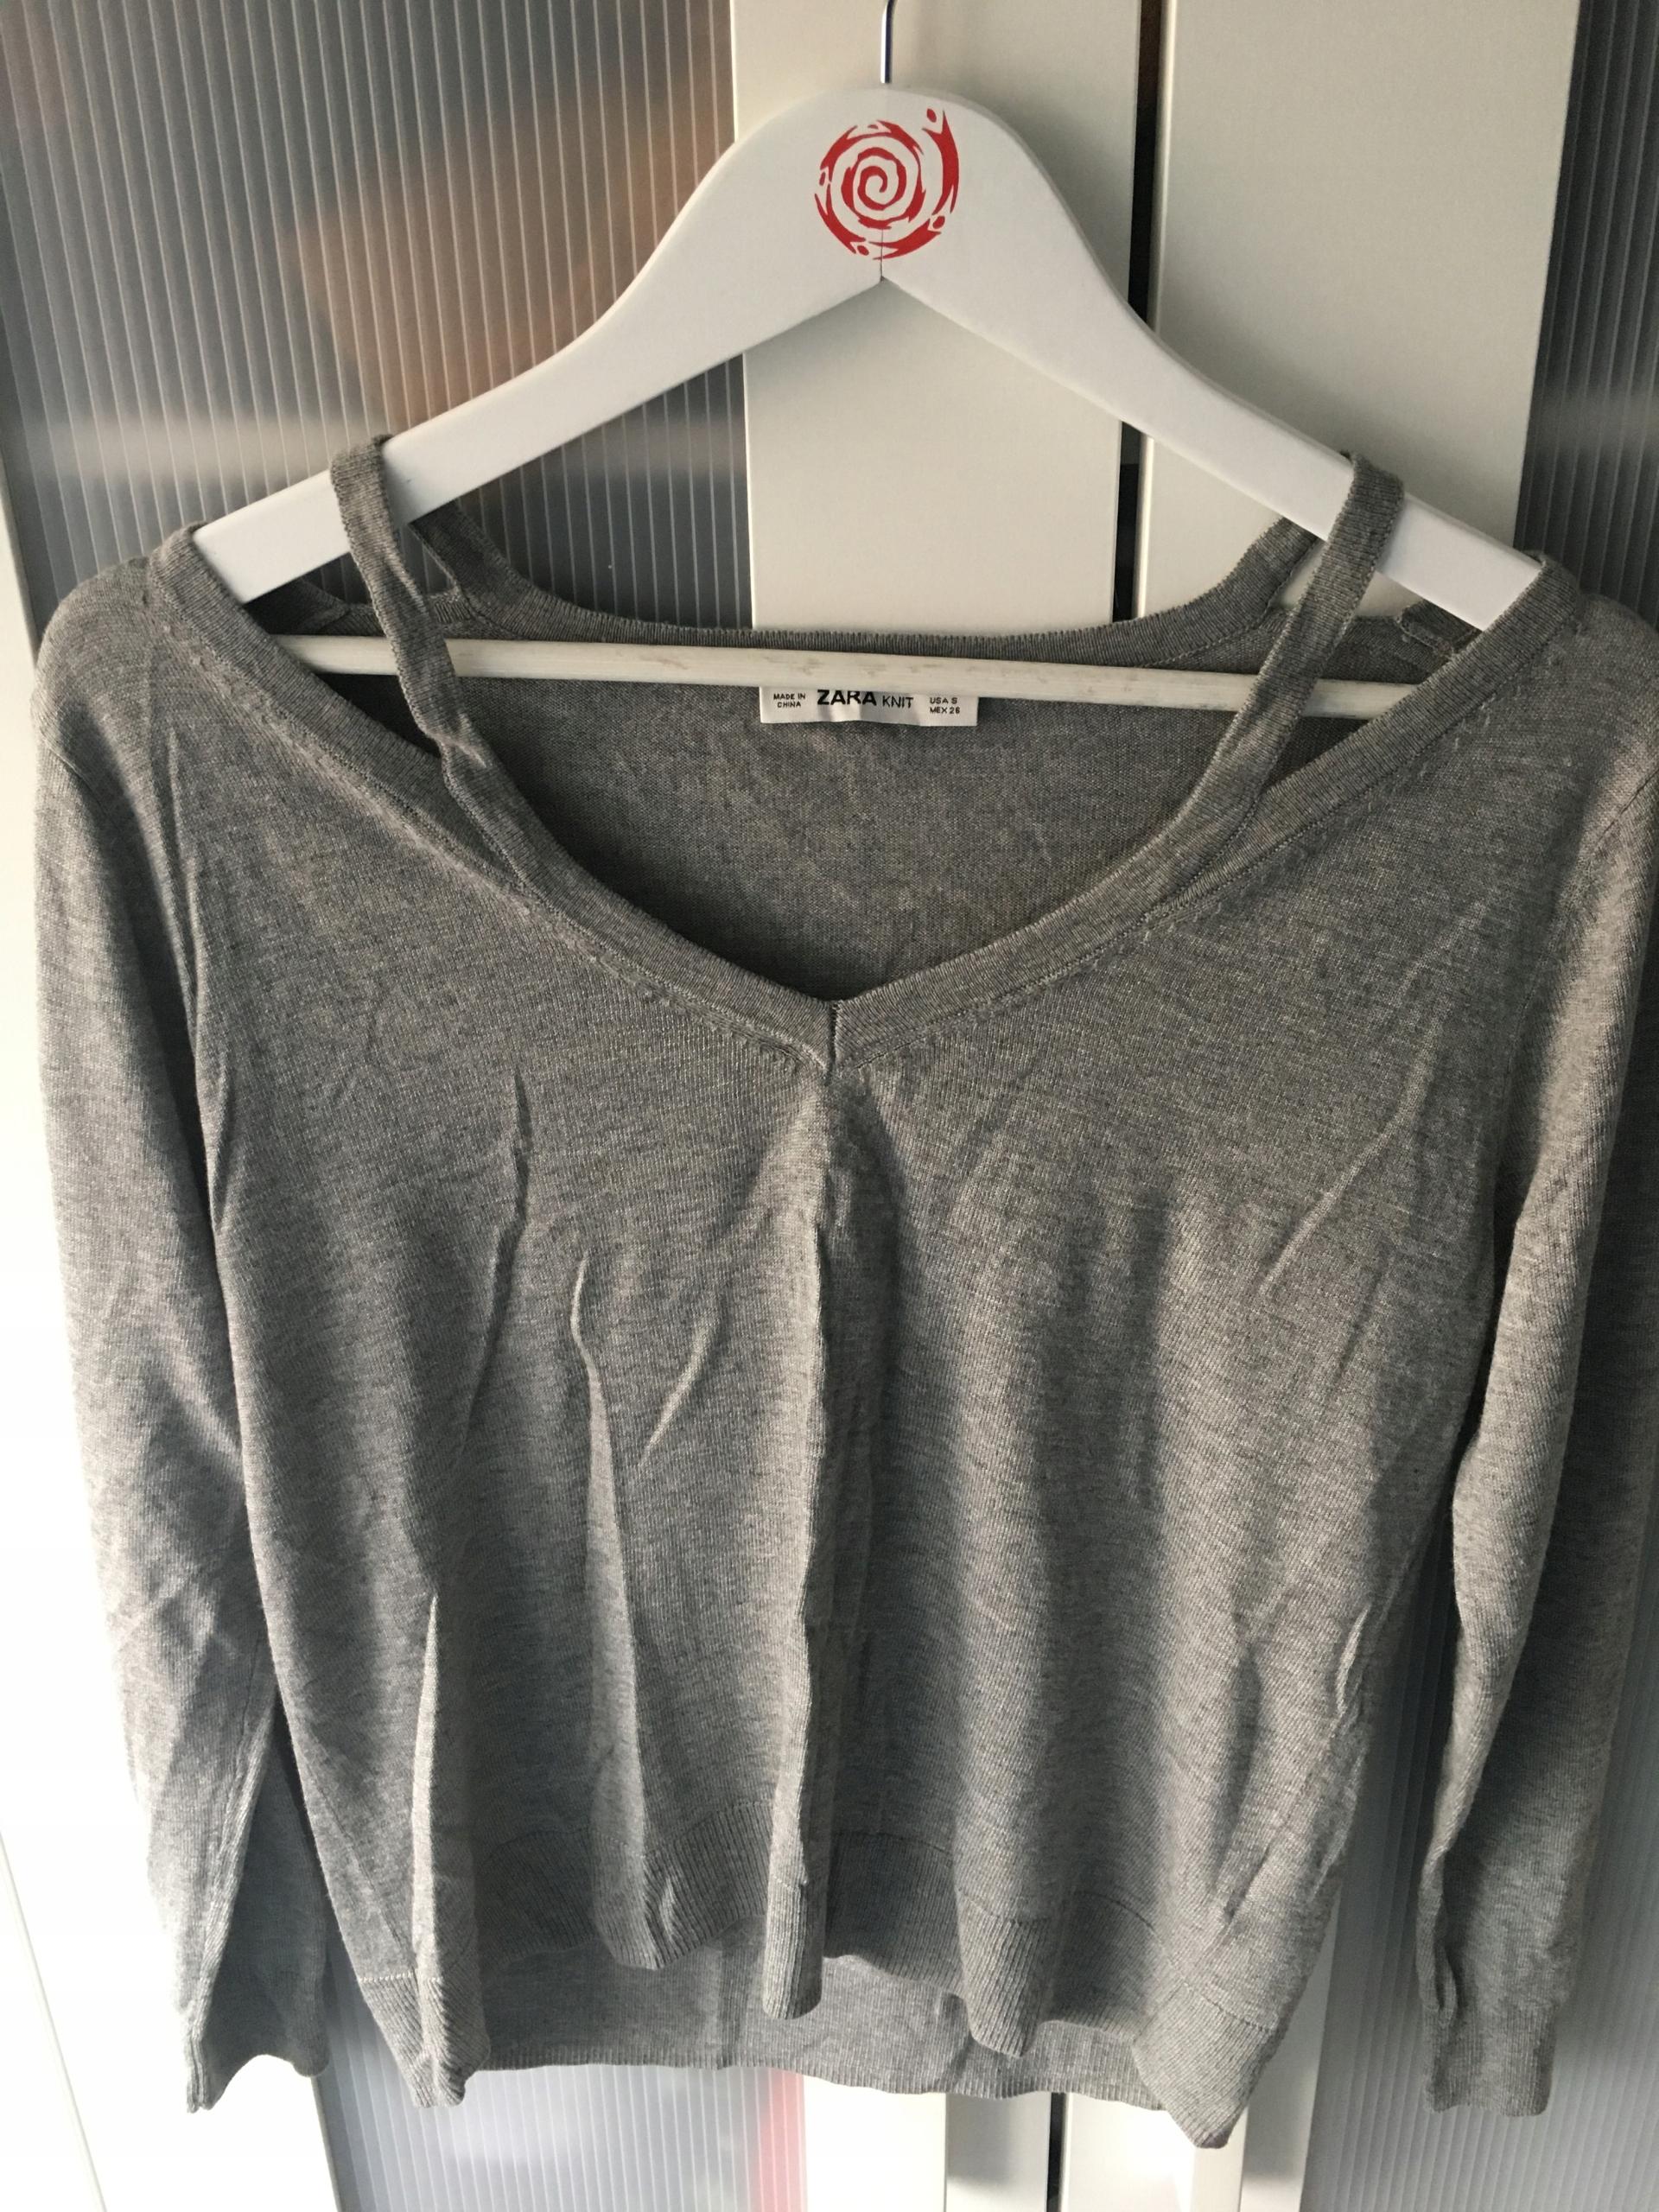 ZARA sweter szary odkryte ramiona S/36 NOWY